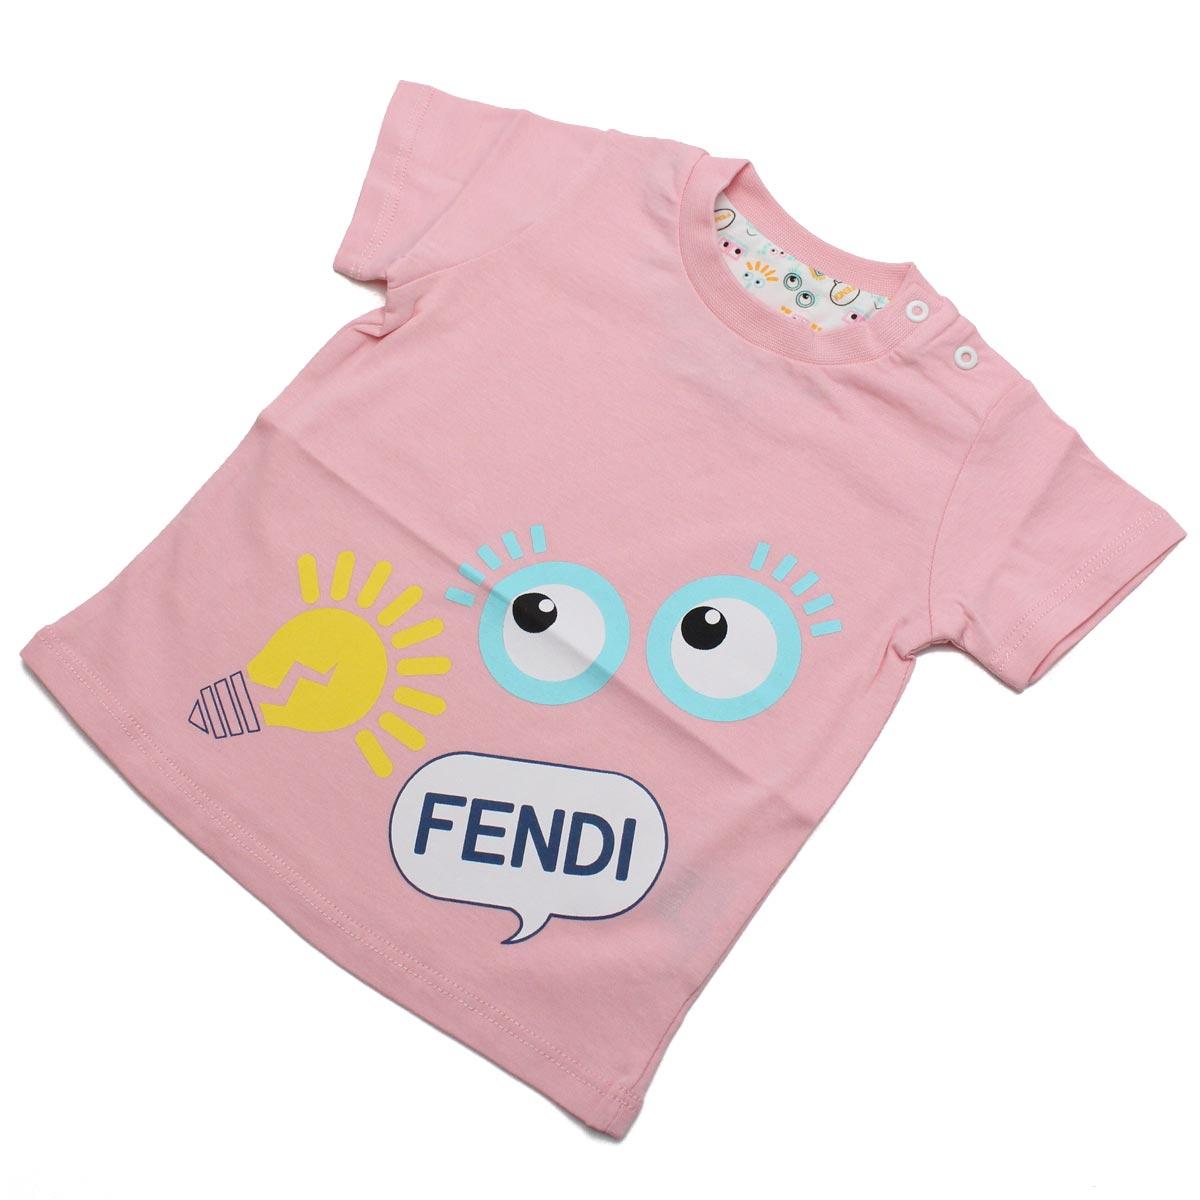 フェンディ (FENDI) ベビーTシャツ ベビー服 BUI000 7AJ F0C11 ピンク系【キッズ・ベビー】【女の子】